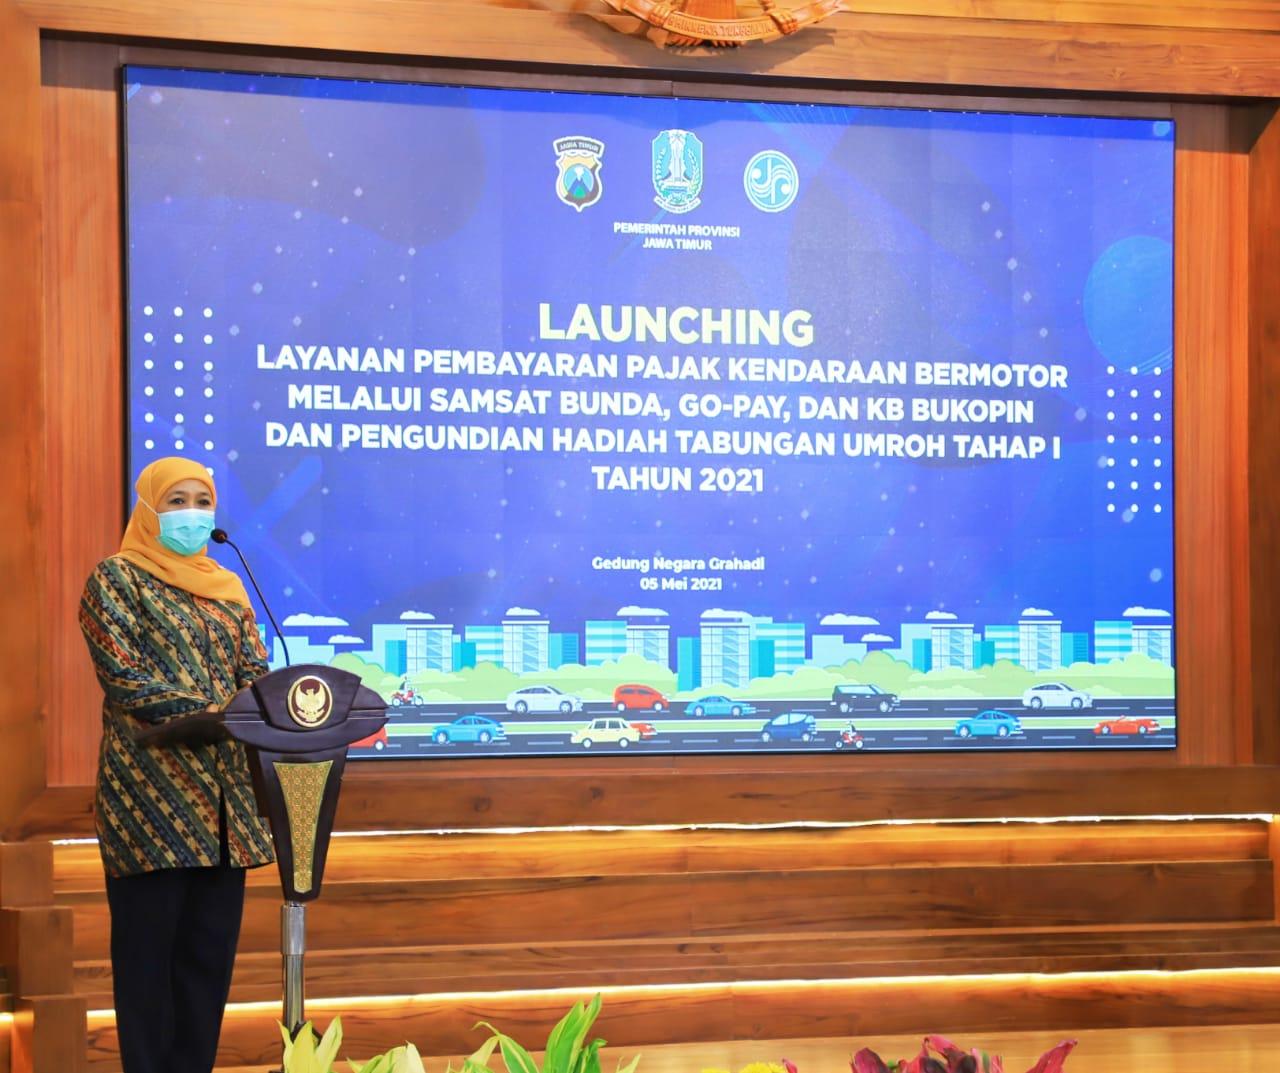 Inovasi Pengesahan STNK Berbasis QR Code Pertama di Indonesia